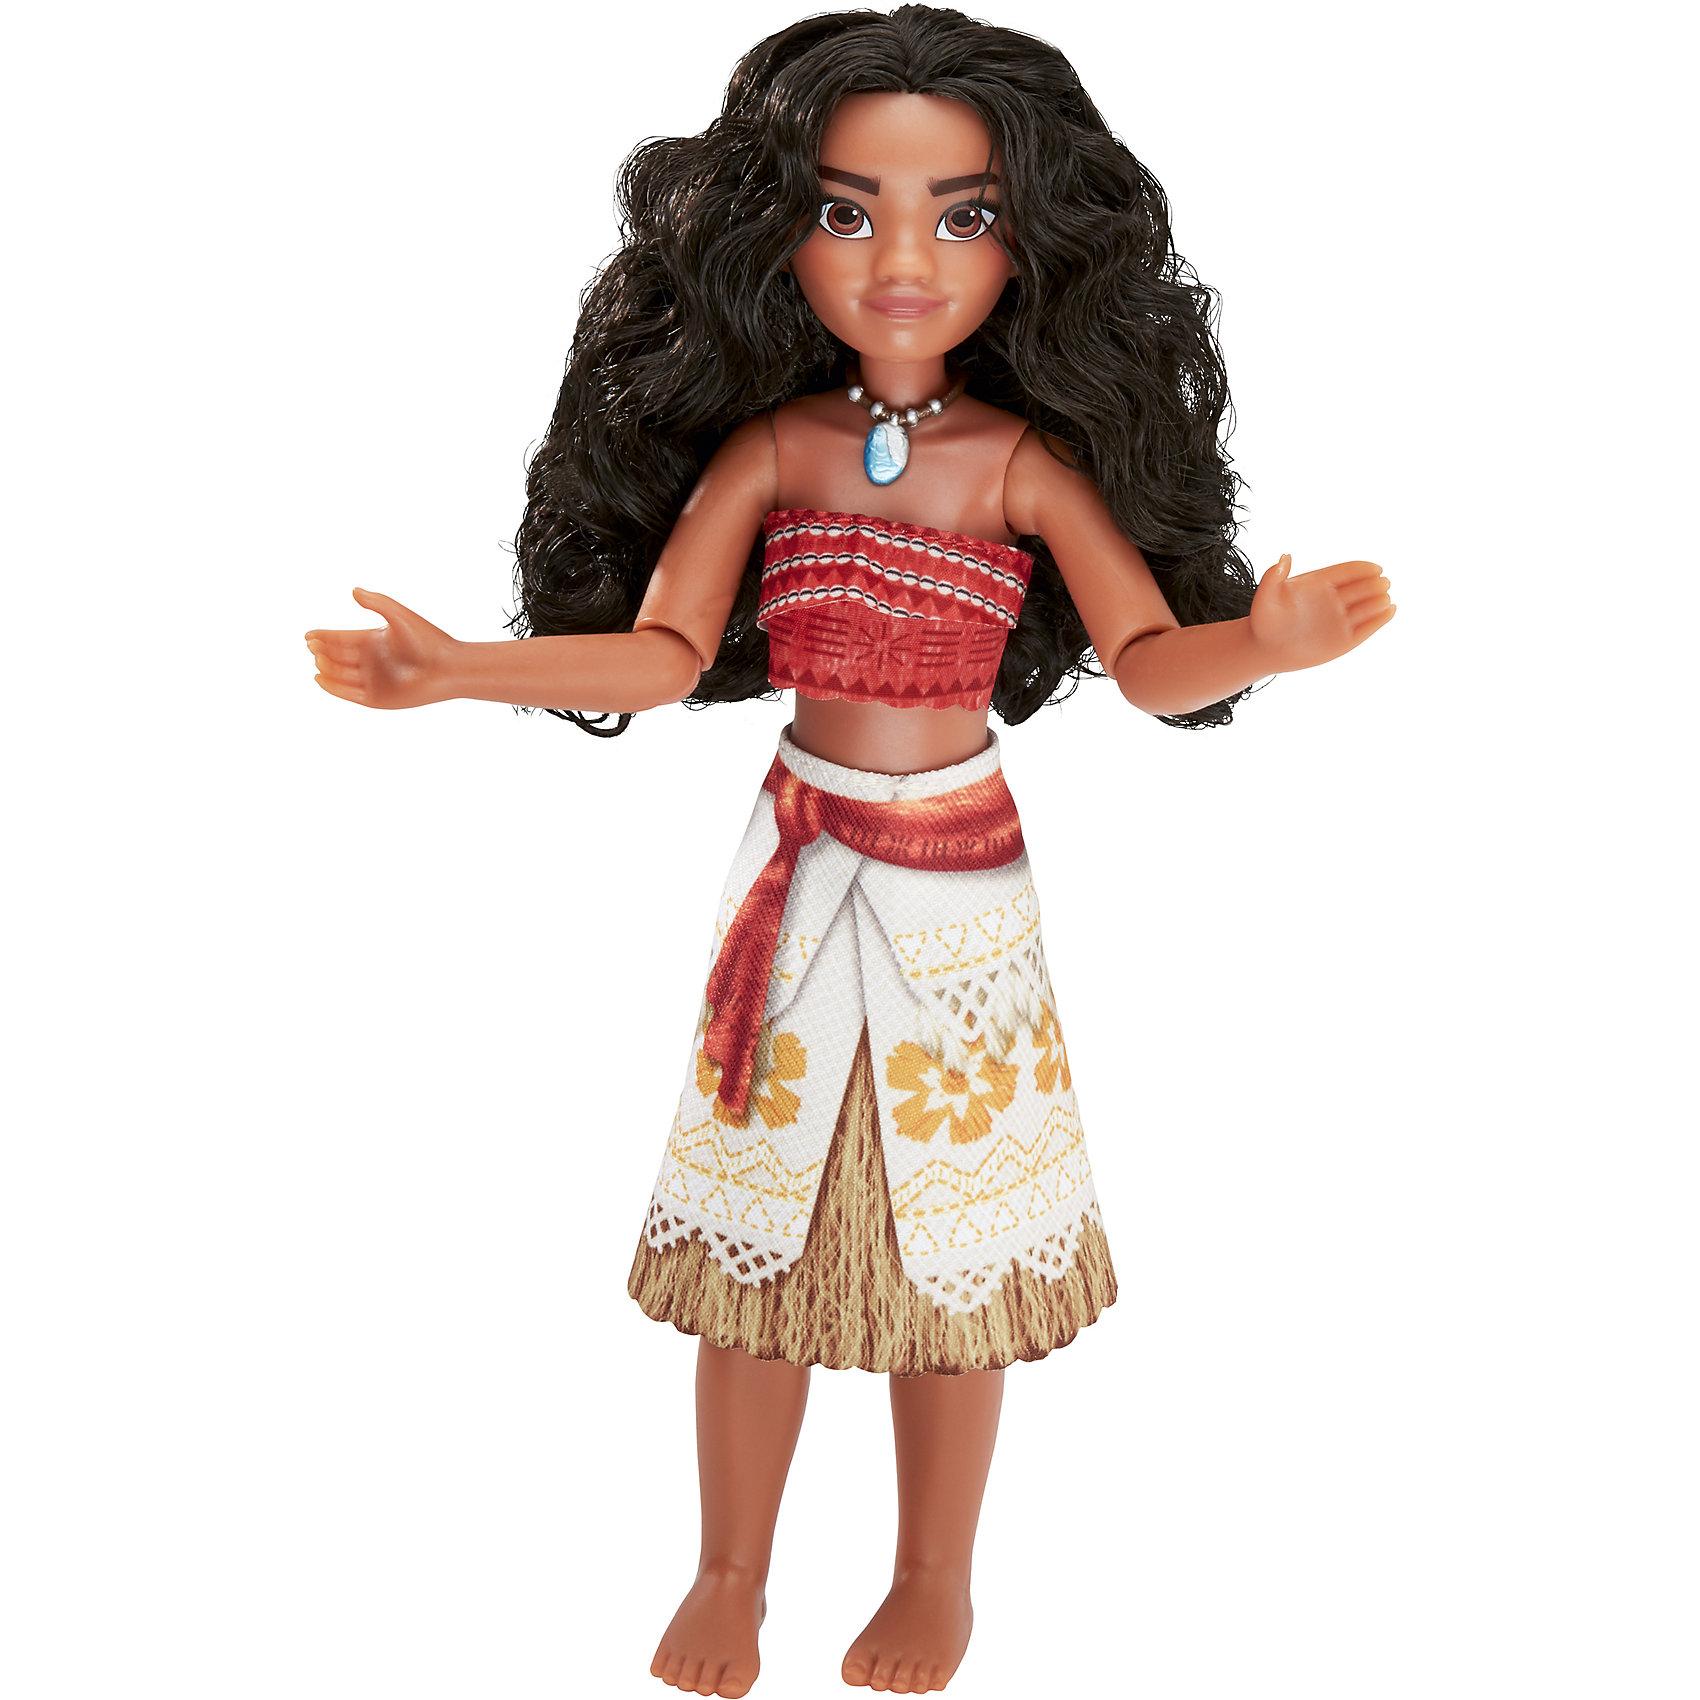 Hasbro Классическая кукла Моана hasbro модная кукла принцесса в юбке с проявляющимся принтом принцессы дисней b5295 b5299